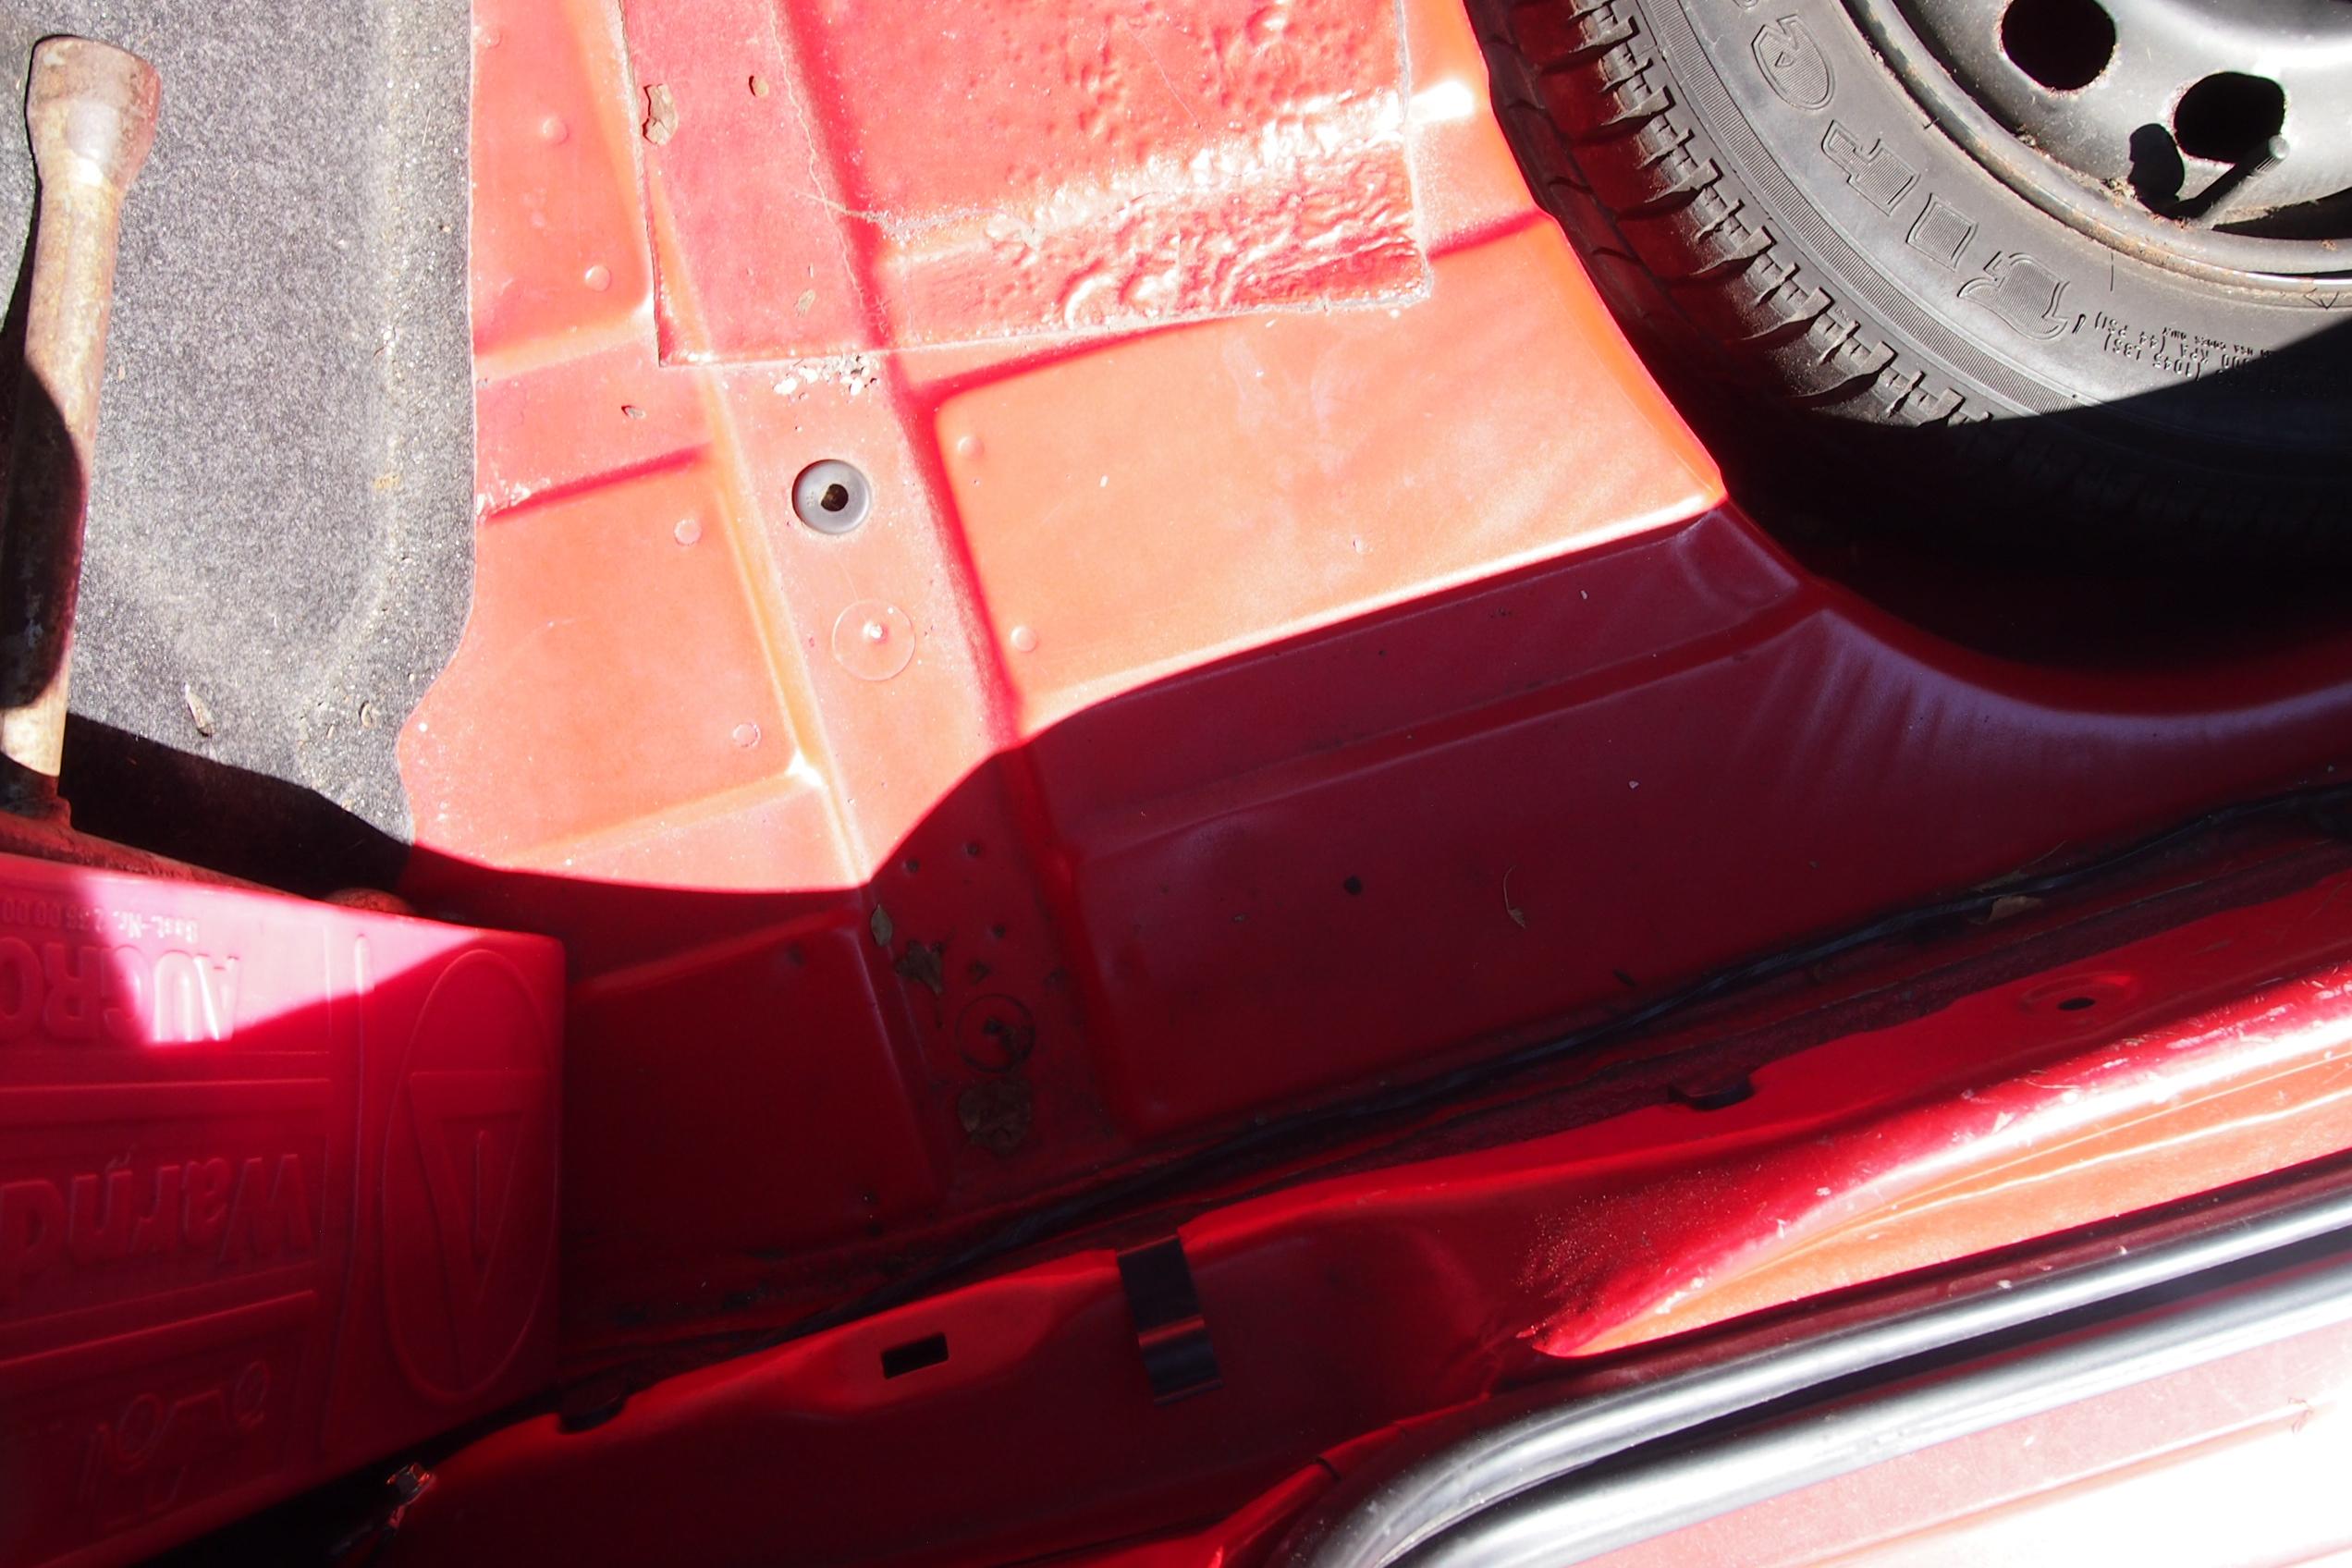 Kofferraumboden unter dem Teppich eines roten Ford Escort